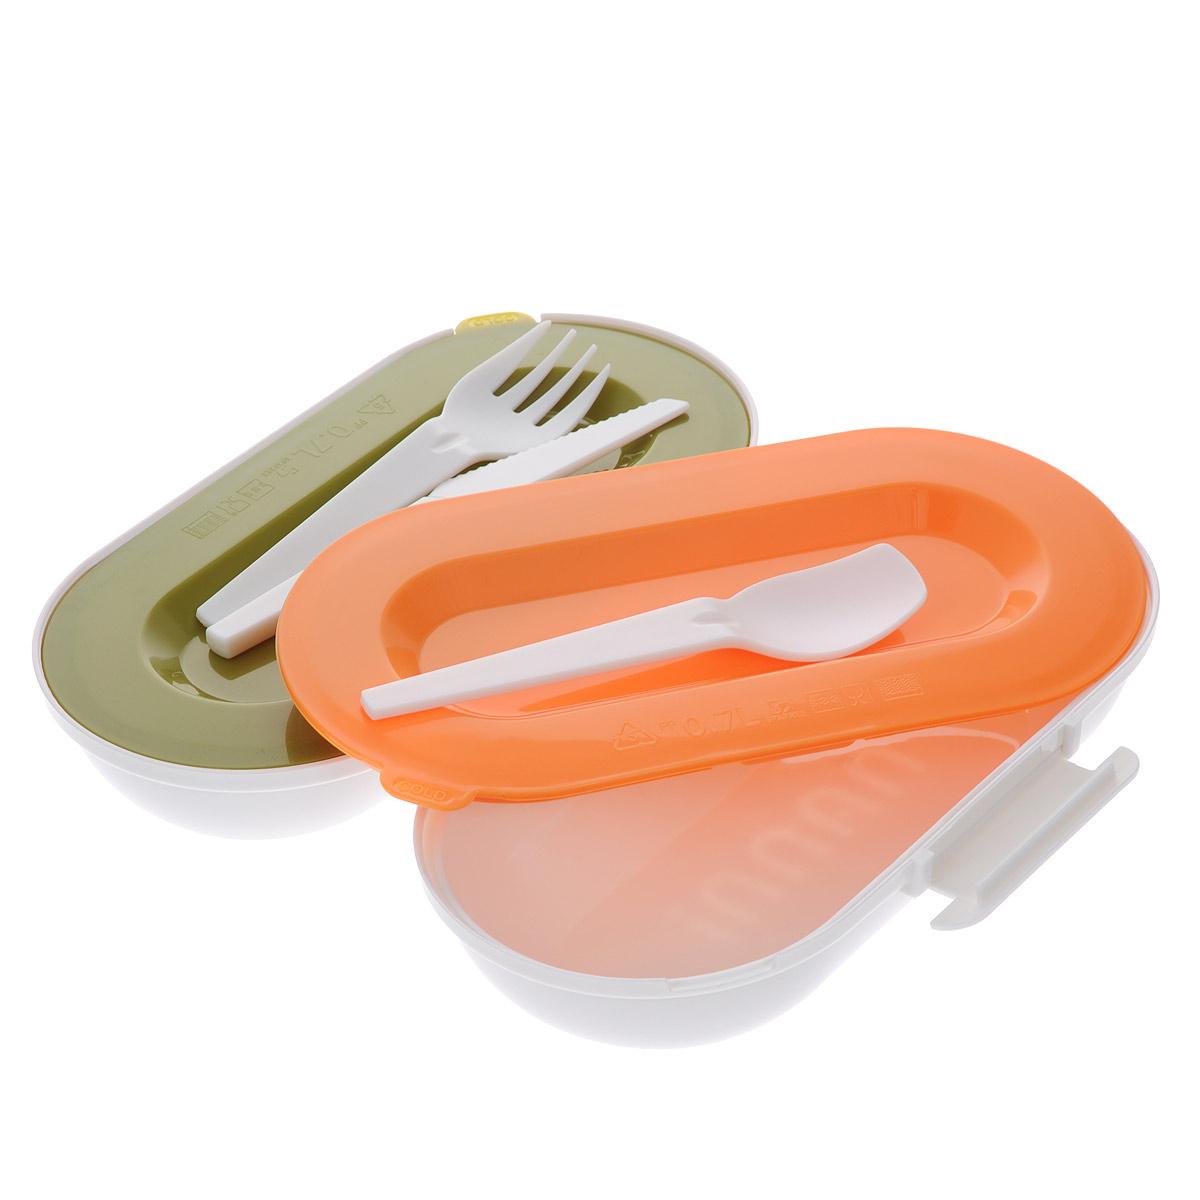 Ланчбокс Iris Barcelona Nanni, с контейнерами и приборами, цвет: черный8423-PЛанчбокс Iris Barcelona Nanni представляет собой пластиковый контейнер с двумя отделениями. Отделения плотно закрываются разноцветными крышками с силиконовыми вставками, что дольше сохраняет еду свежей. Внутри имеется специальная выемка для столовых приборов (ложка, вилка, нож), выполненных из пластика белого цвета. Контейнер закрывается на защелку. Контейнер помещается в неопреновую сумочку, затягивающуюся на шнурок. С задней стороны сумки имеется вкладыш для записи имени, адреса и телефона. Сбоку расположена петелька с карабином, за которую ланчбокс можно подвесить к рюкзаку или багажу. Никто даже не догадается, если вы того не захотите, что у вас с собой обед! Такой ланчбокс пригодится где угодно: его можно взять с собой на работу, учебу, прогулку или в поездку. Компактный, но в тоже время функциональный контейнер вместит обед из двух блюд. Он сохранит еду свежей и вкусной, а компактный размер не займет много места в сумке или багаже. Объем...